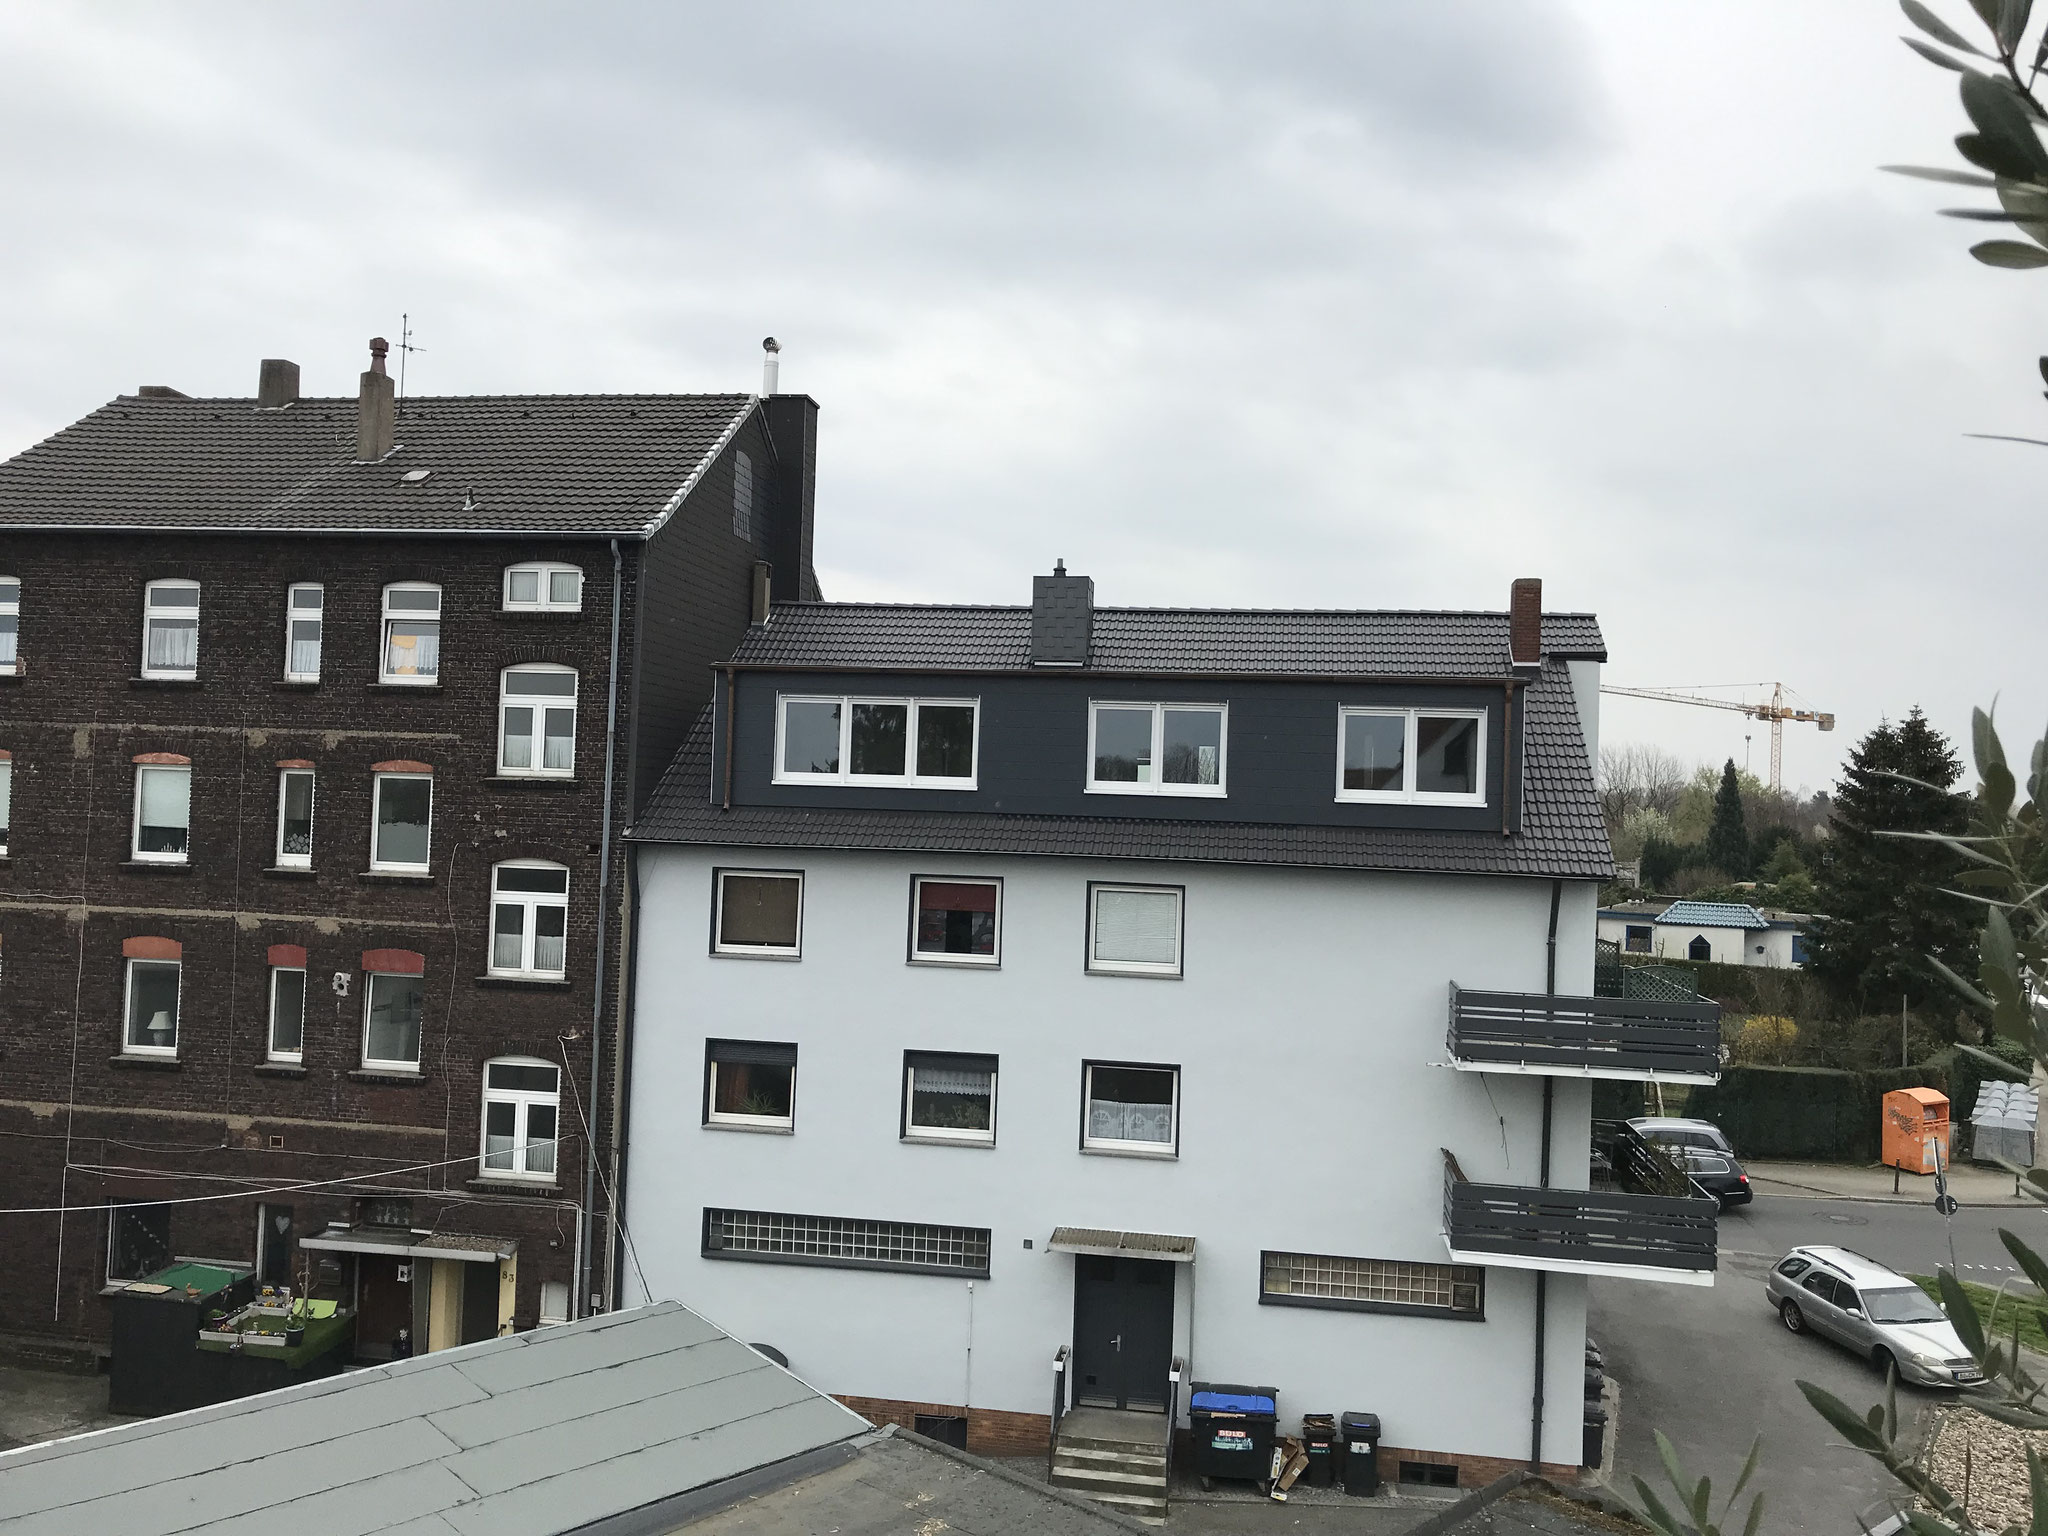 Großer Gaubenausbau in Bochum Weitmar-Mark